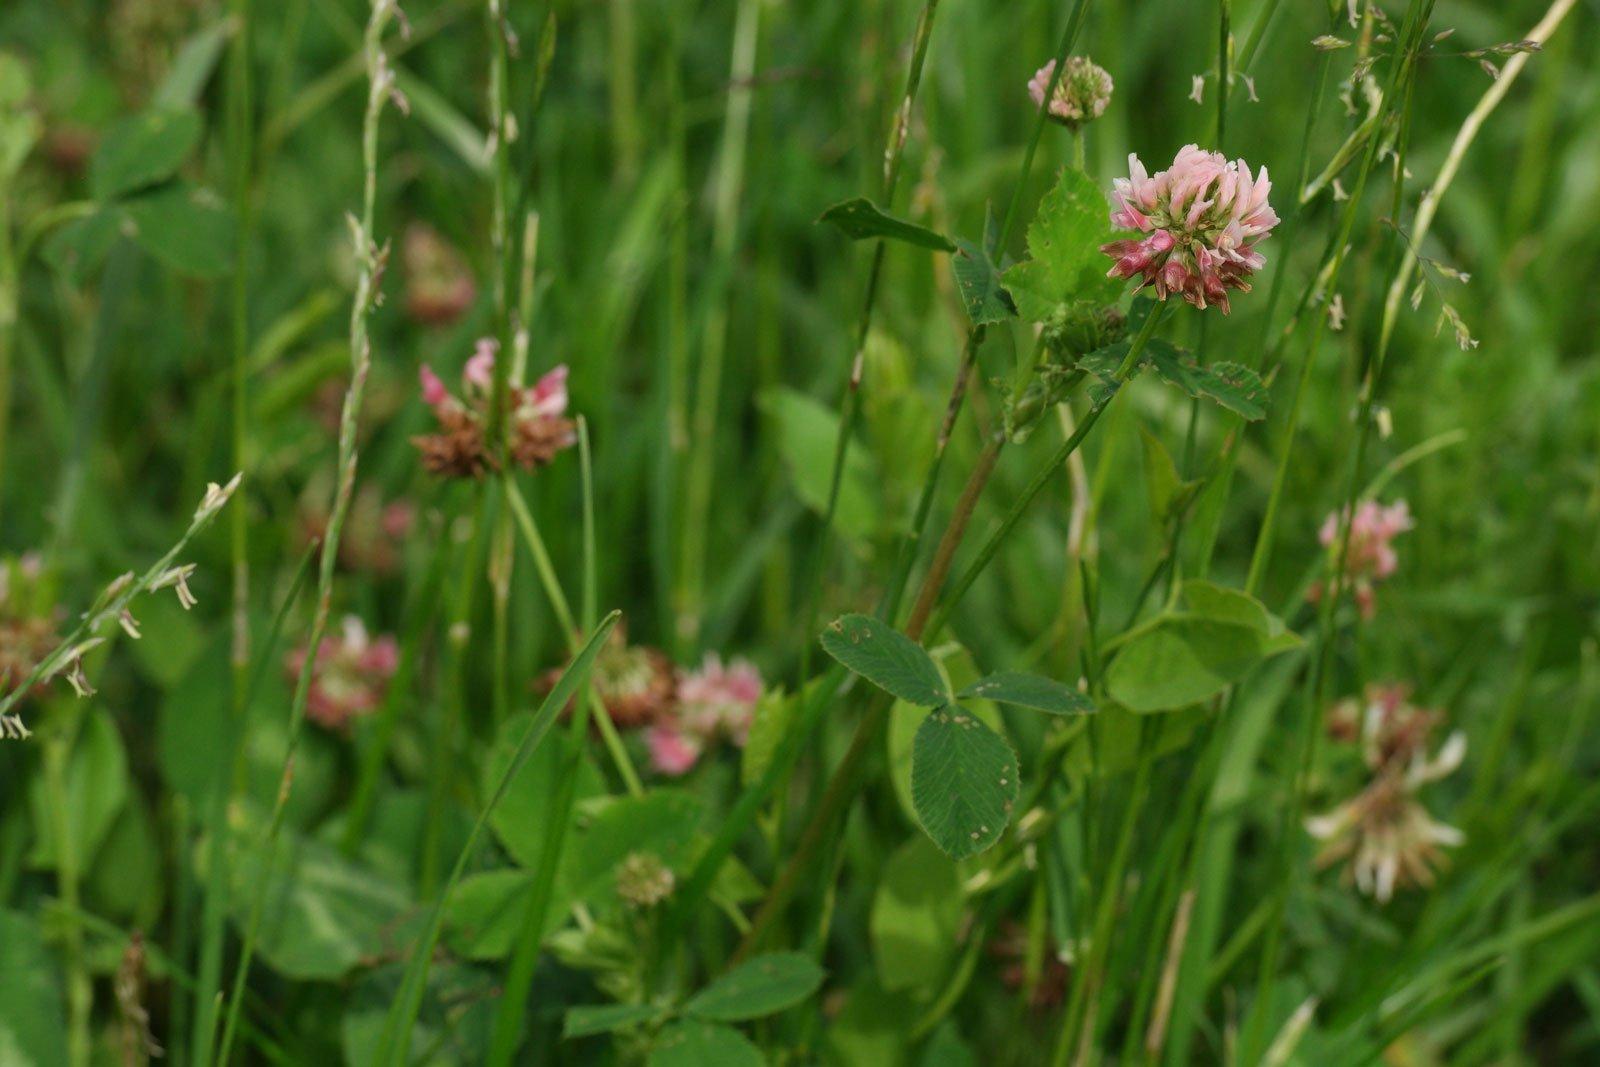 Trifolium hybridum